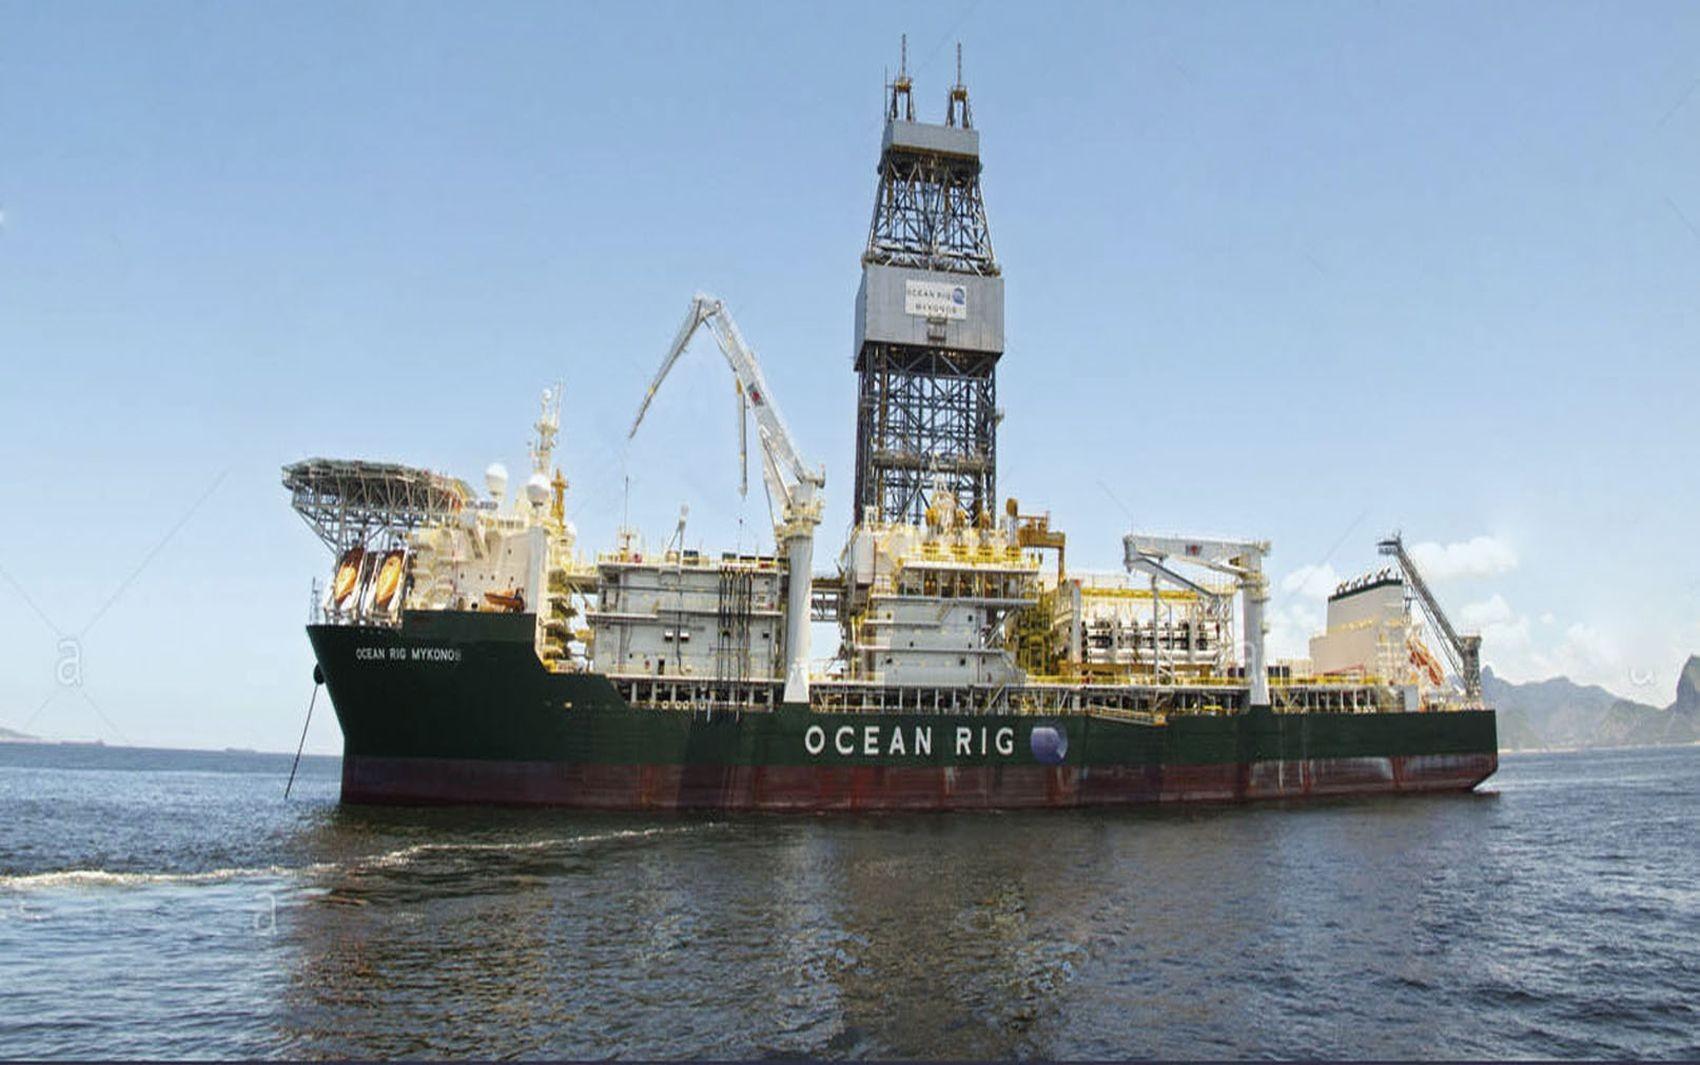 Petrobras inicia nova perfuração na Bacia de Sergipe-Alagoas, diz governo - Notícias - Plantão Diário